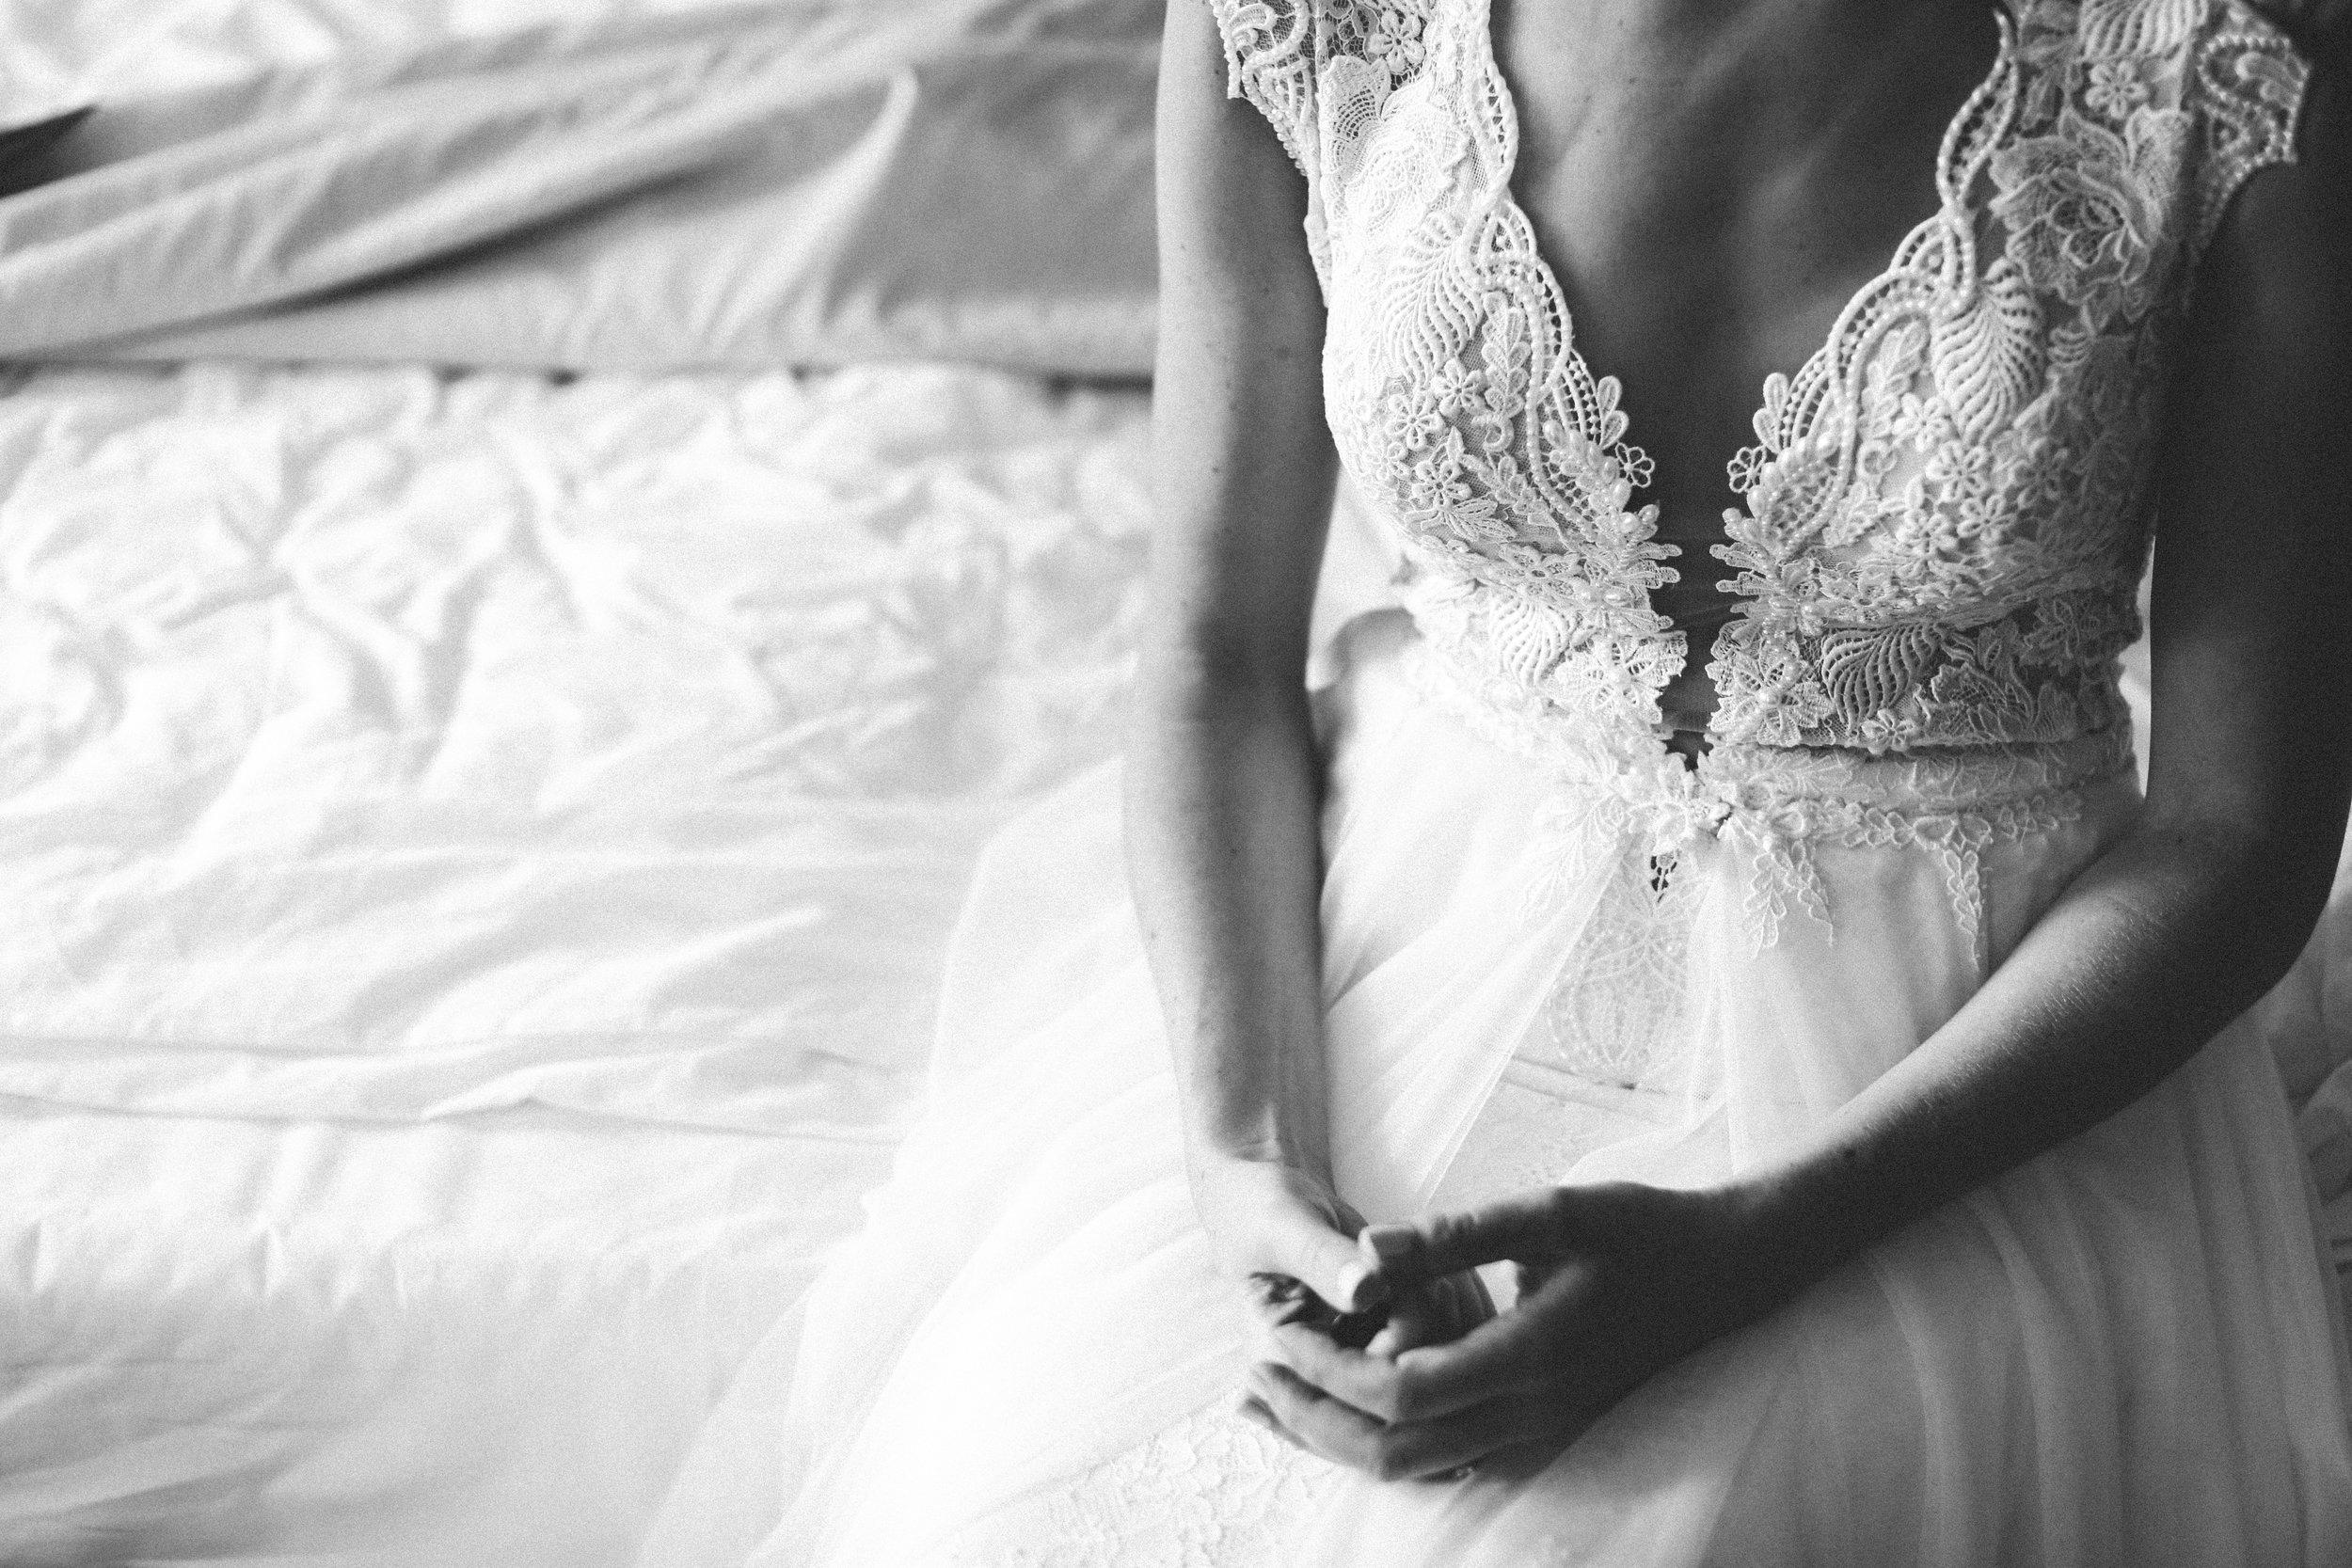 Hochzeitsfoto-nancyebert-121.jpg